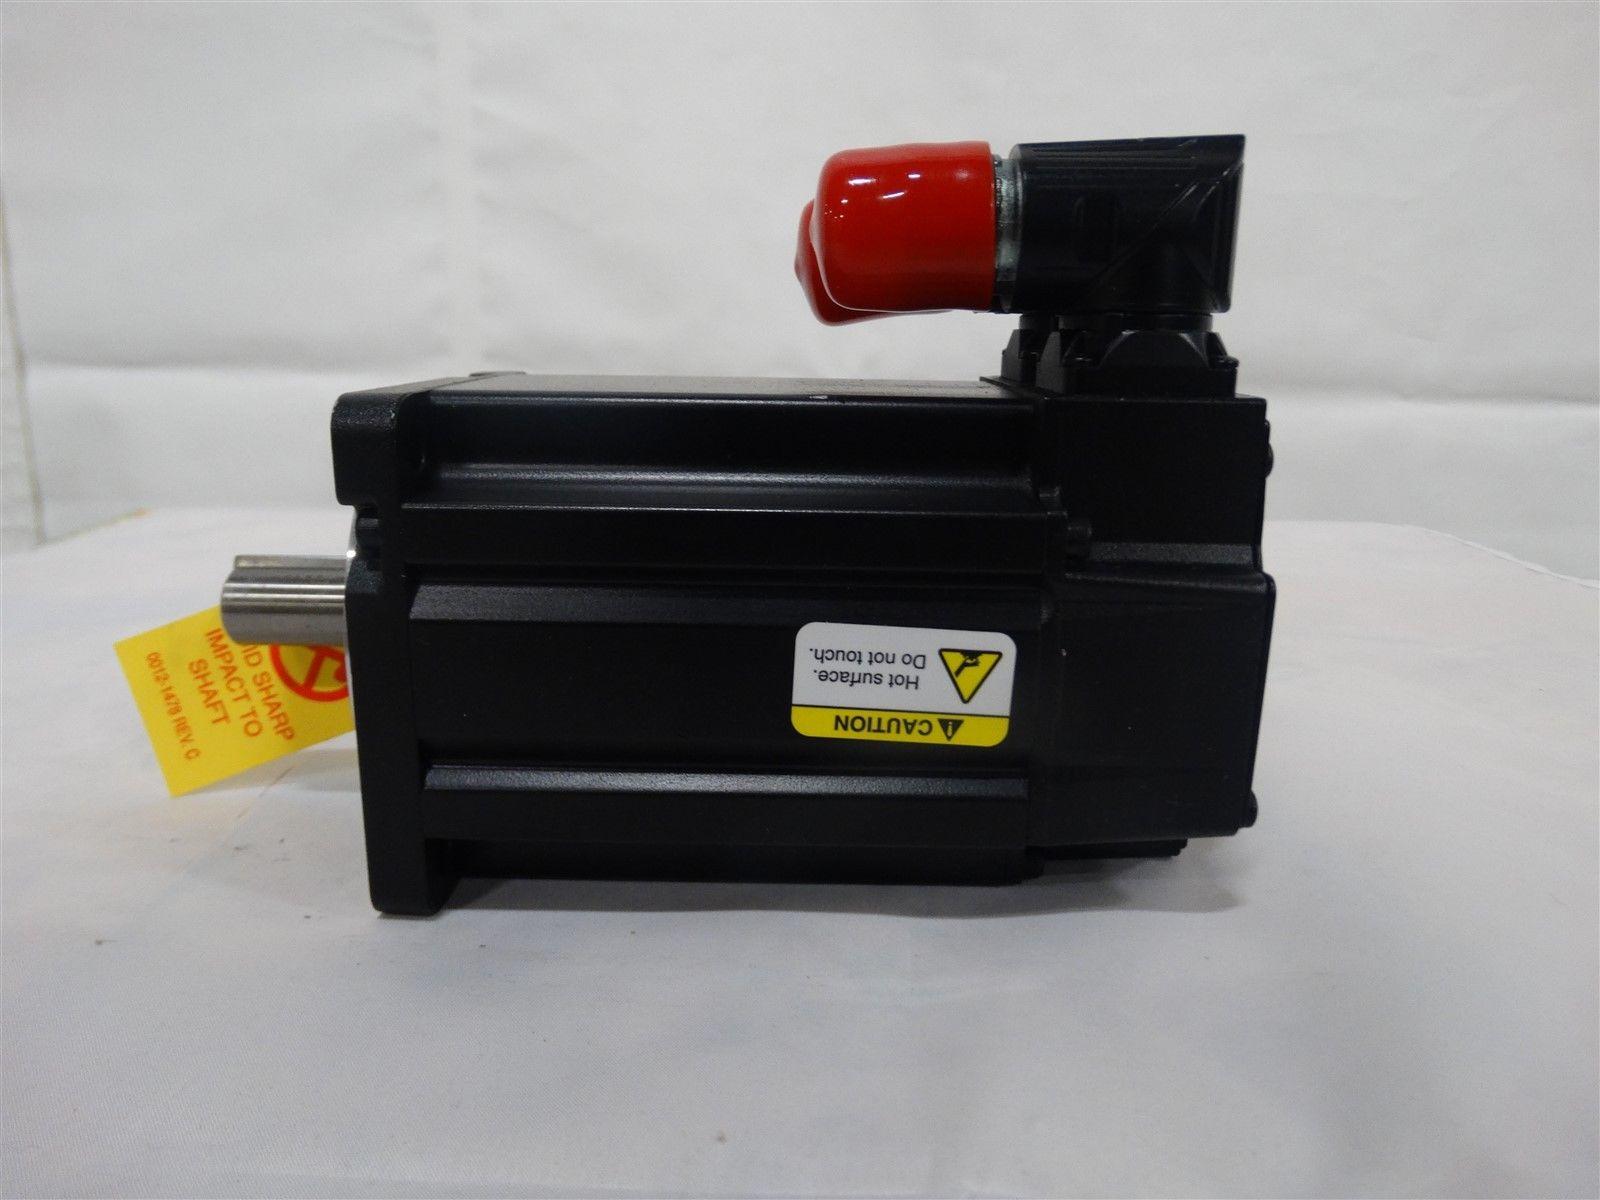 AB/羅克韋爾伺服電機2094-XNINV-1 低慣量伺服電機